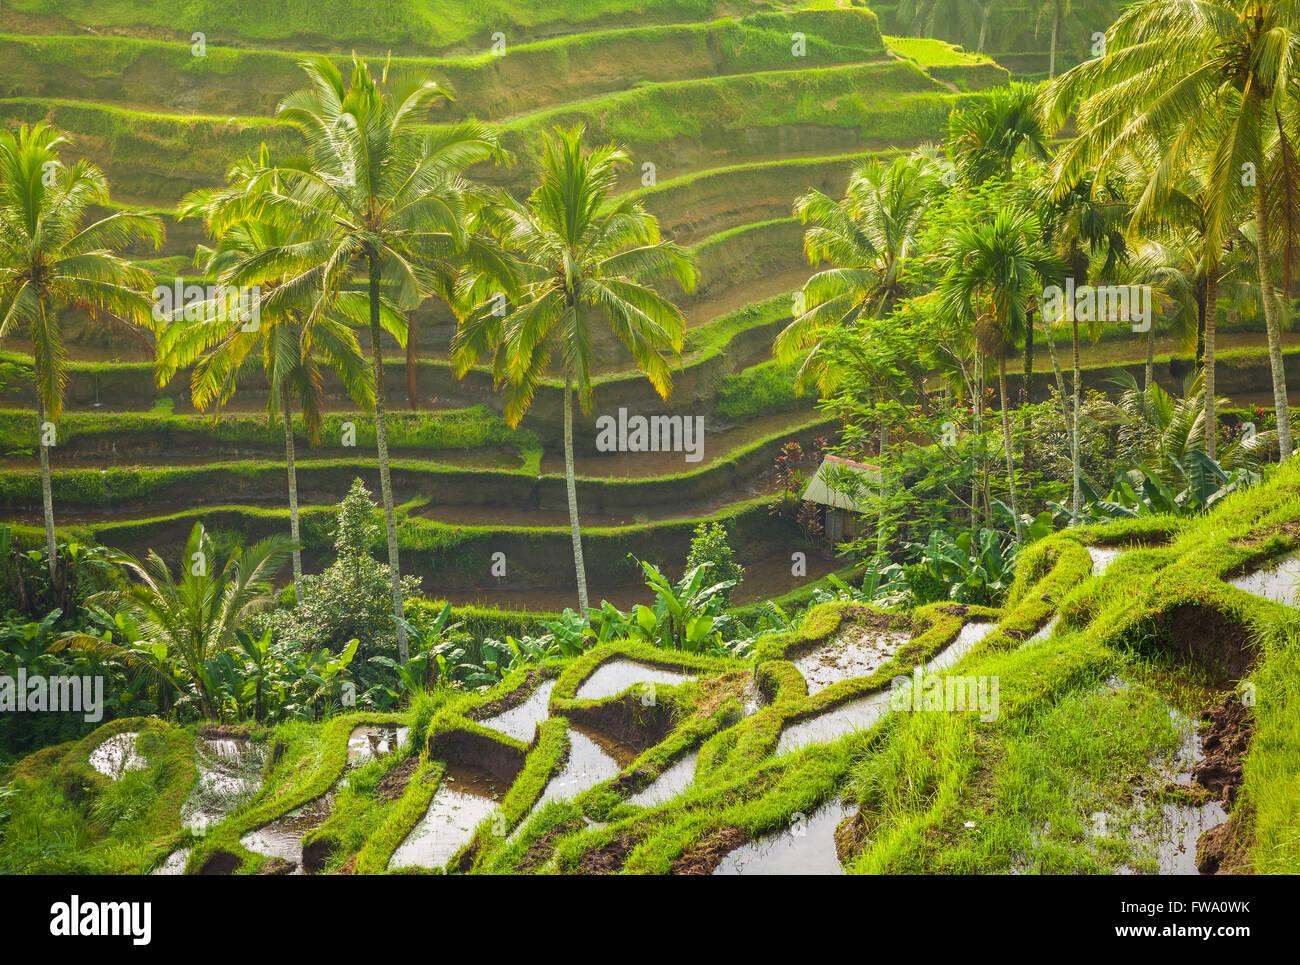 Bellissime terrazze di riso nella mattina luce nei pressi Tegallalang village, Ubud, Bali, Indonesia. Immagini Stock